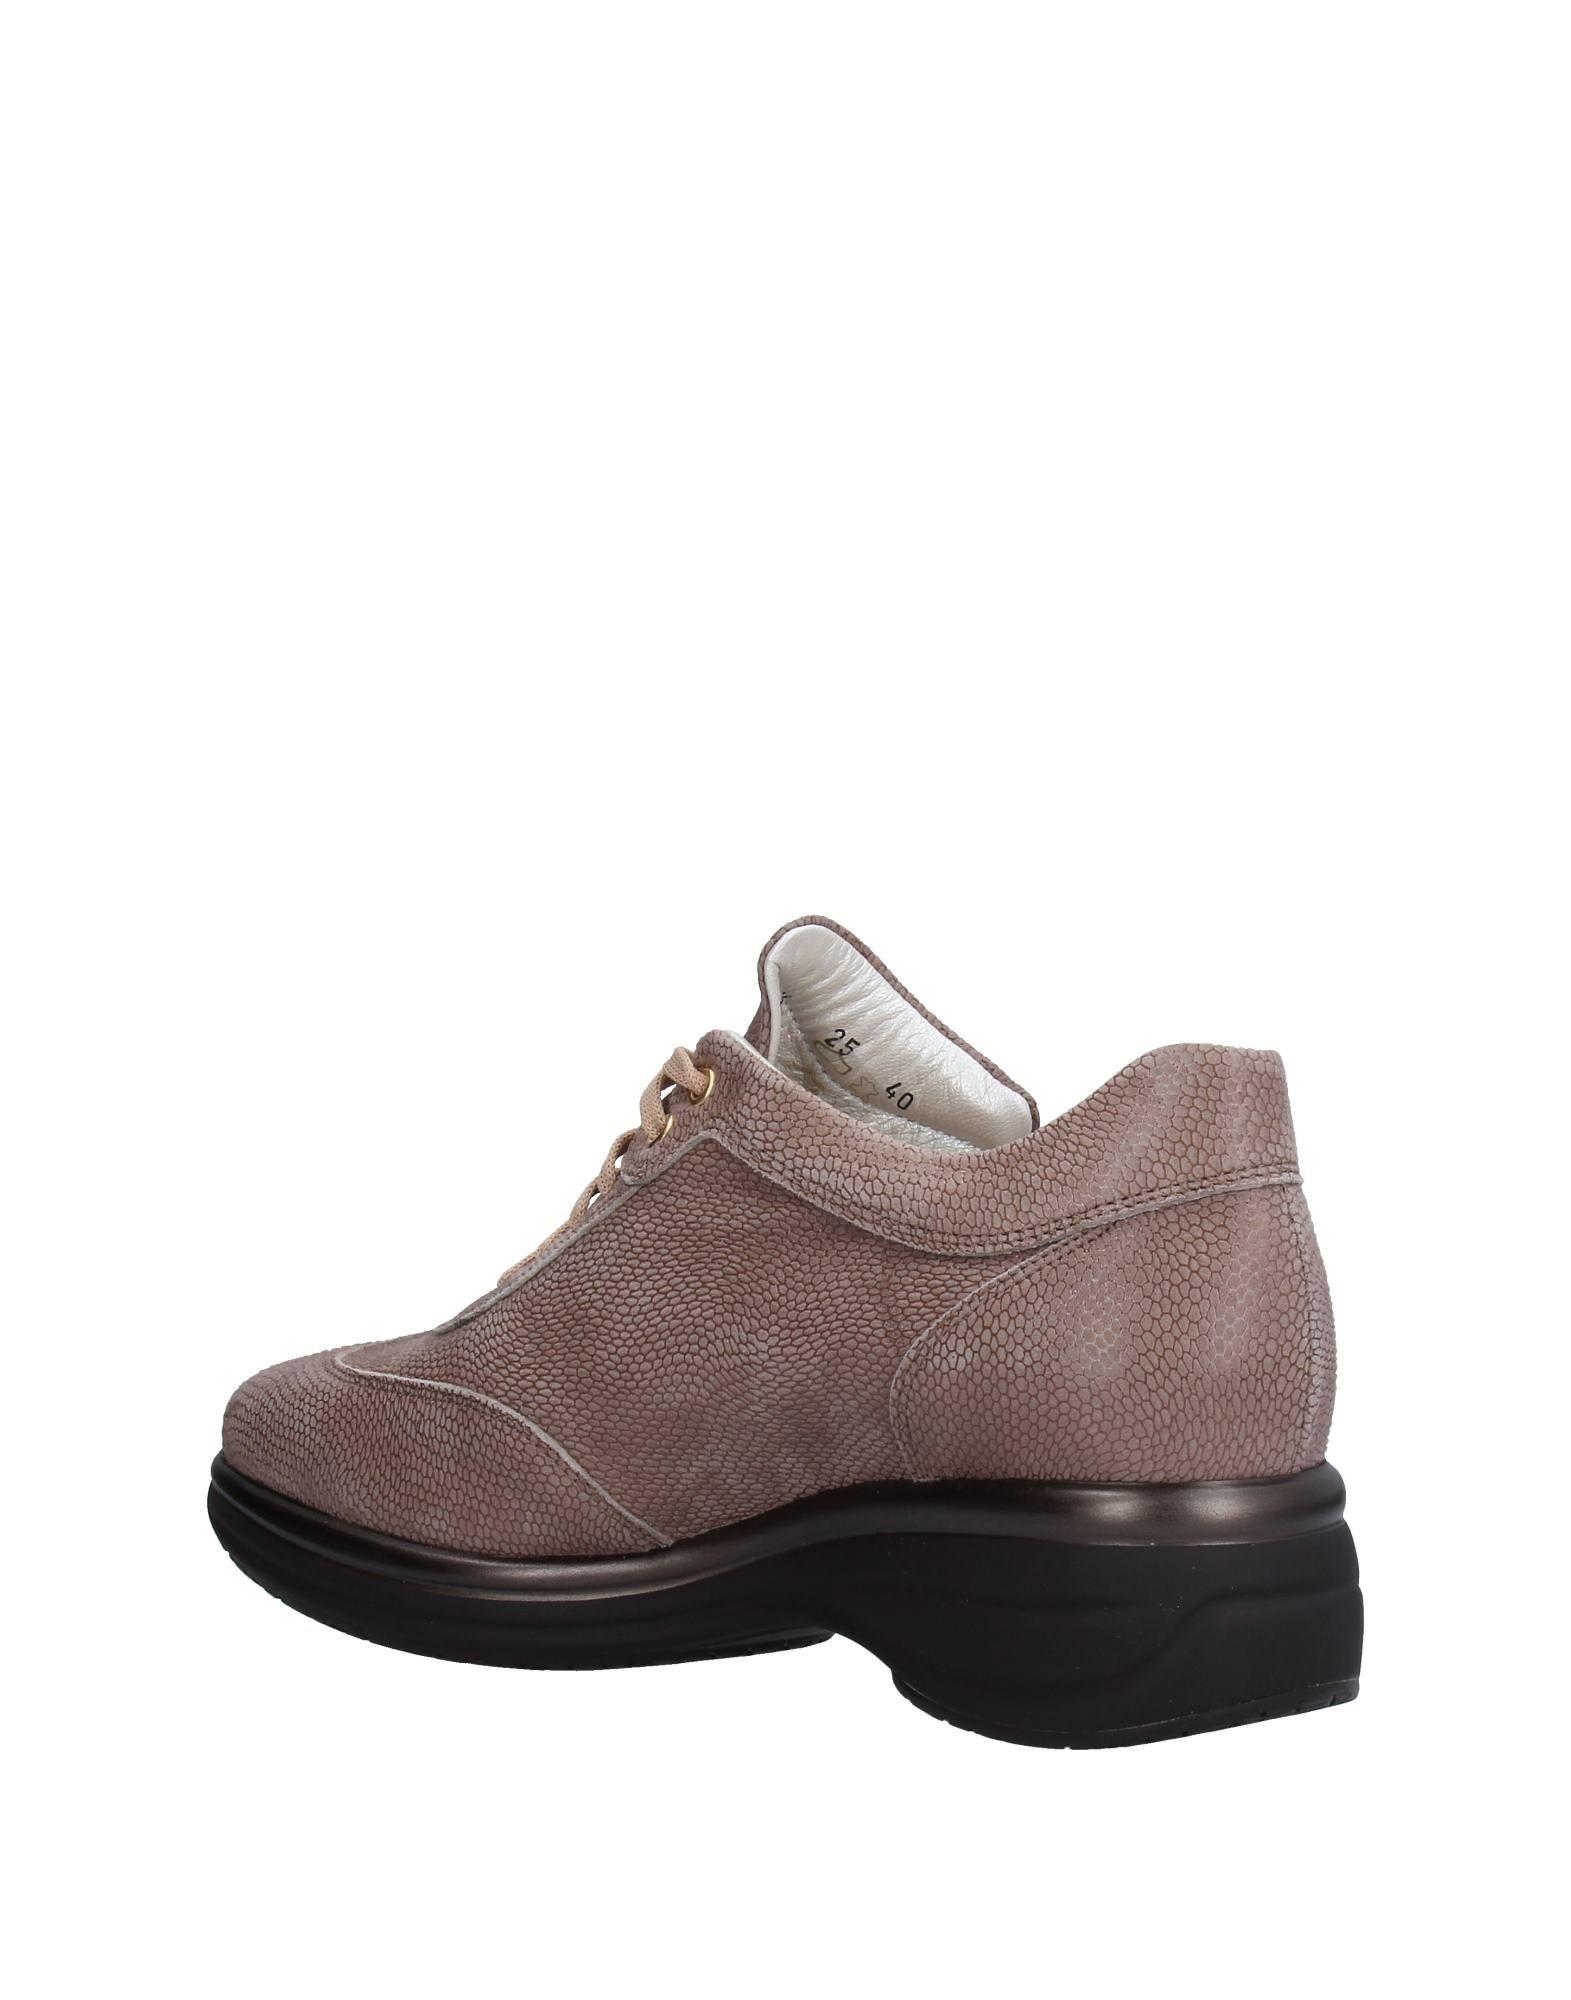 Cesare P. Gute Sneakers Damen  11232720CA Gute P. Qualität beliebte Schuhe 1a42a9